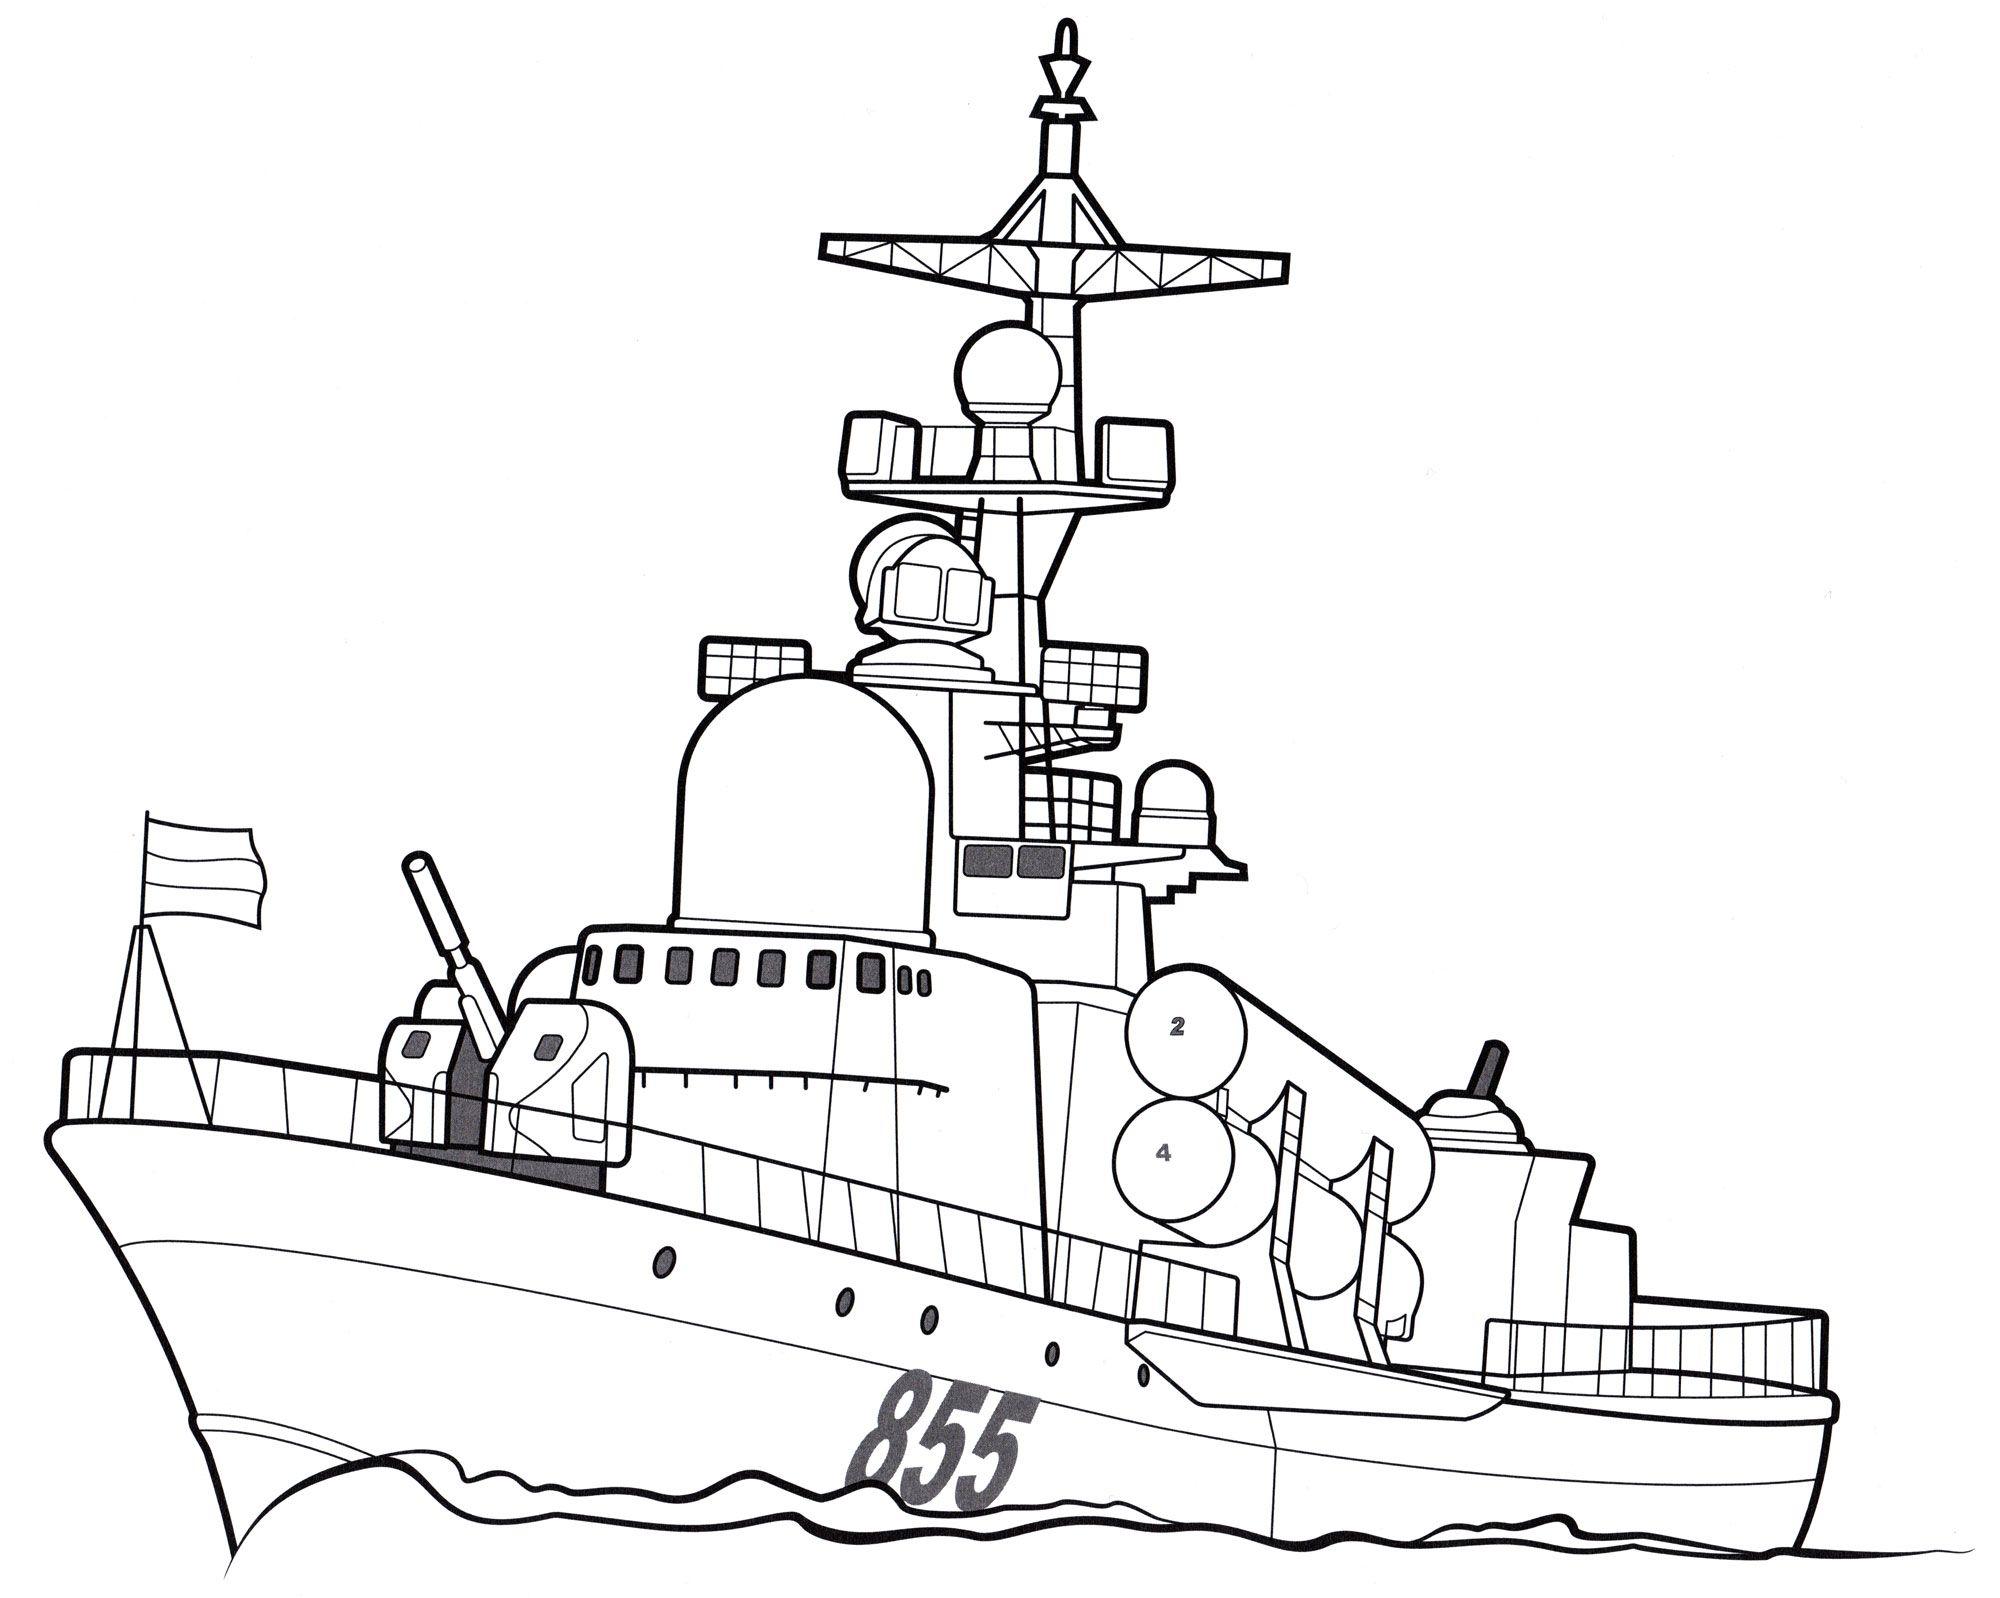 Раскраска корабль для детей разного возраста